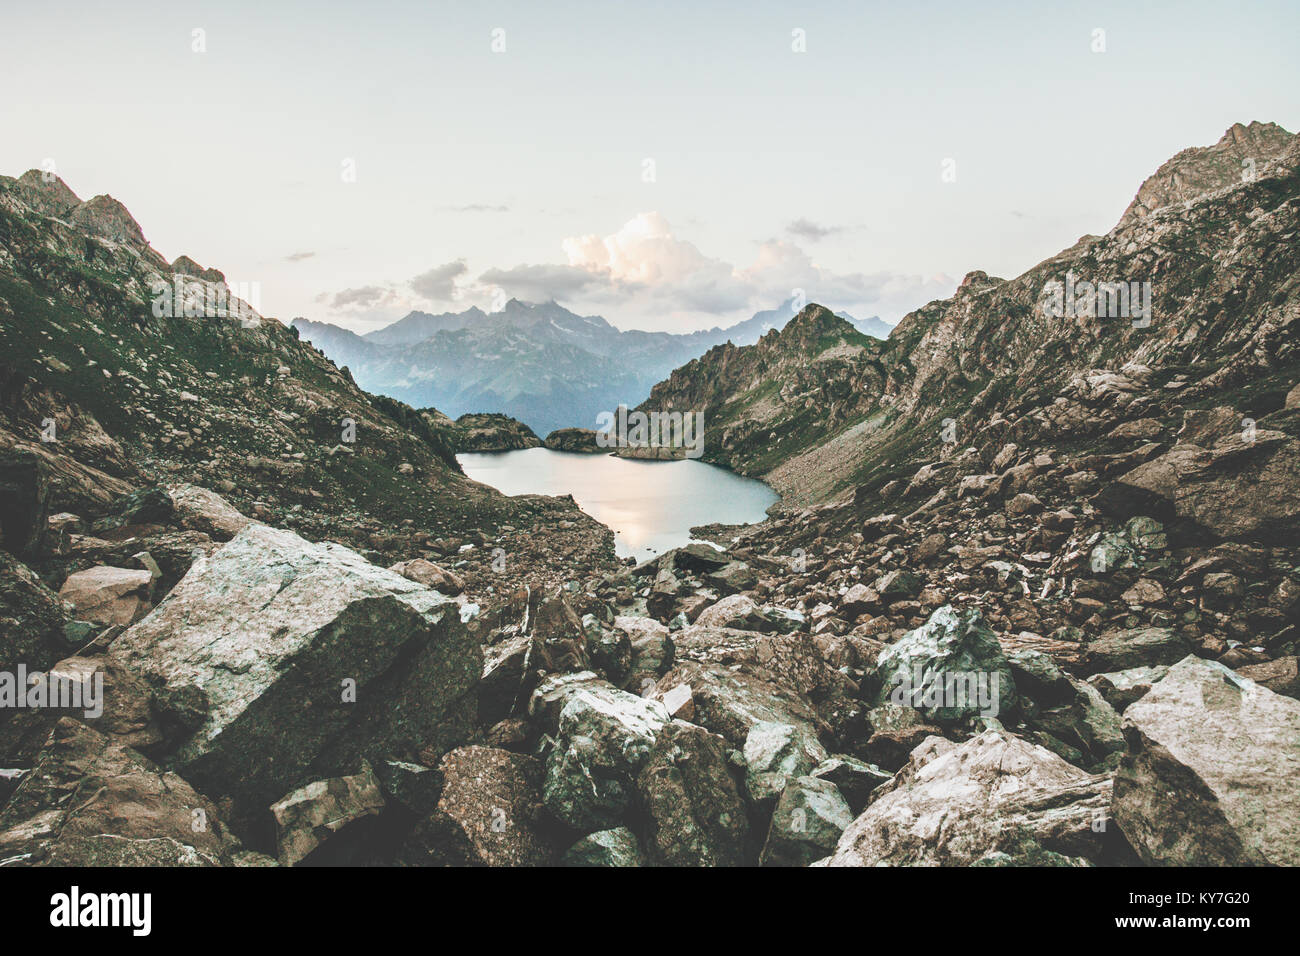 El lago y las Montañas Rocosas del paisaje sereno de viajes de verano vista escénica escena atmosférica Imagen De Stock